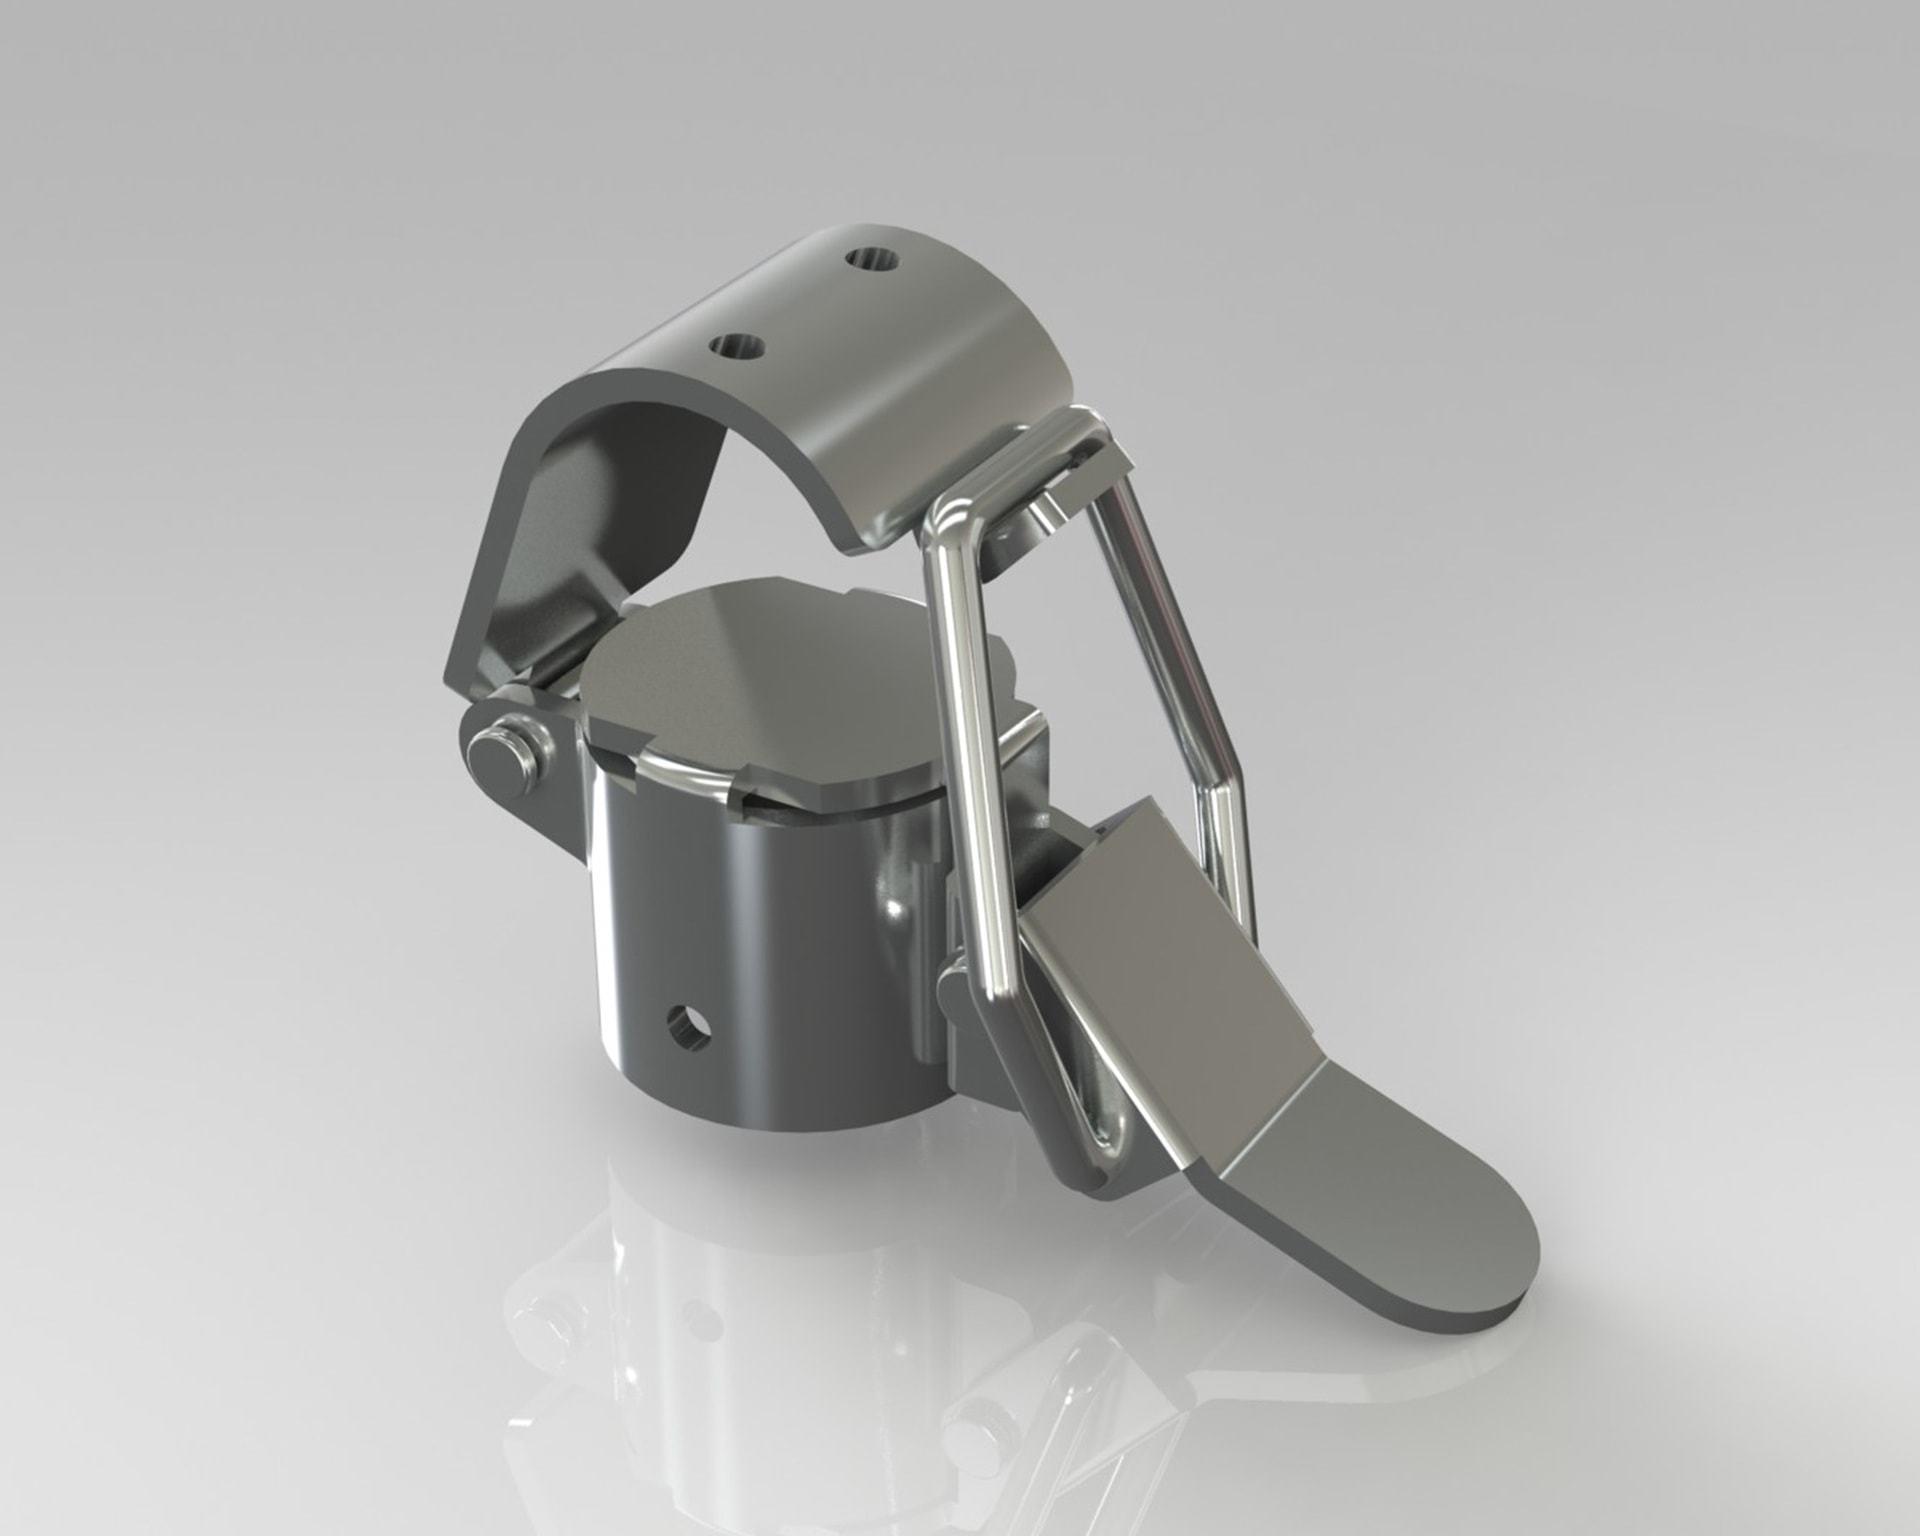 PEK3 Easytube Metal Accessories PC-D